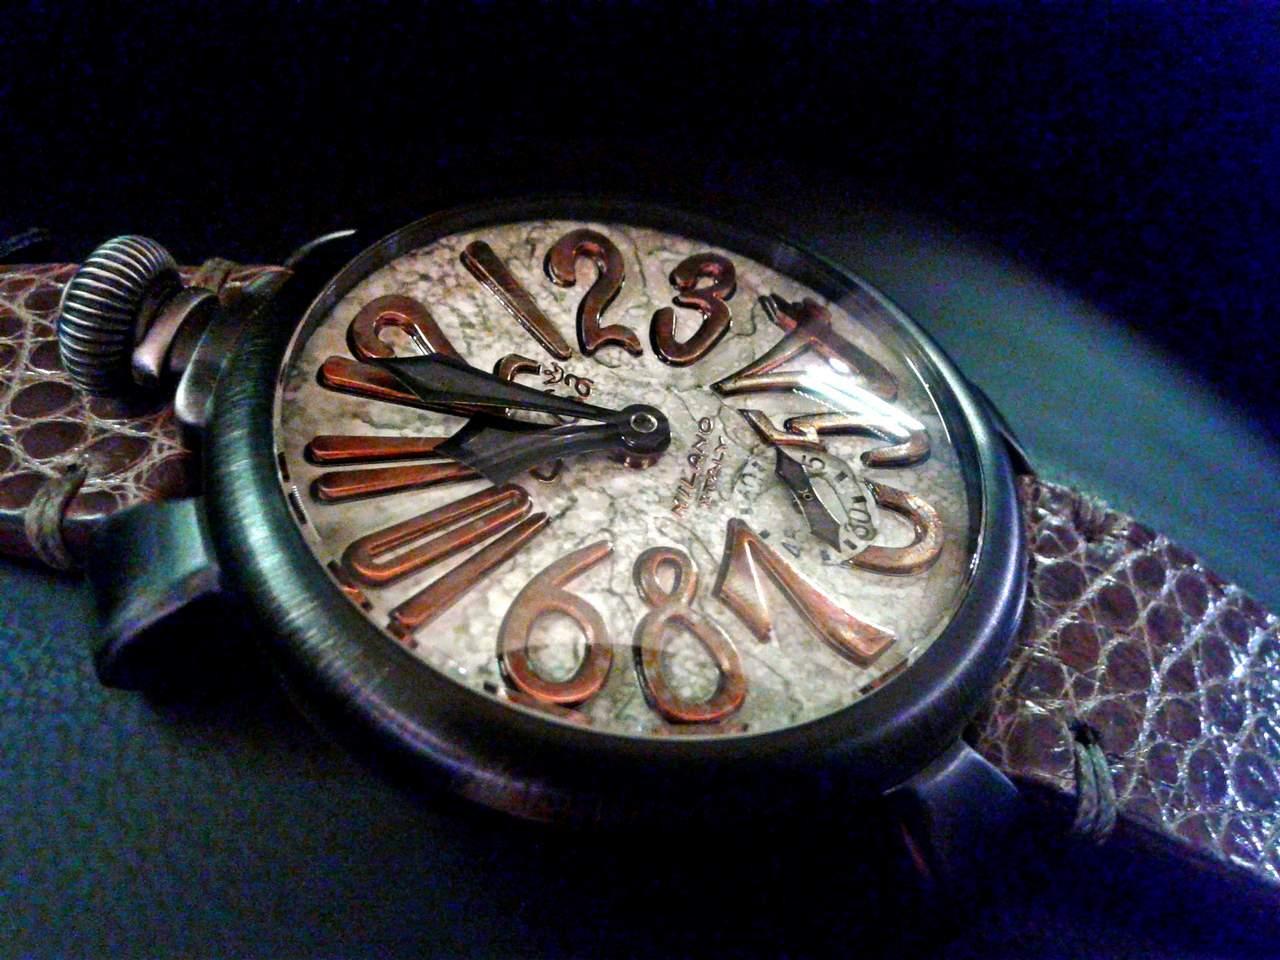 gaga-milano-watches-price-prezzo-fai-villa-necchi_0-100_8